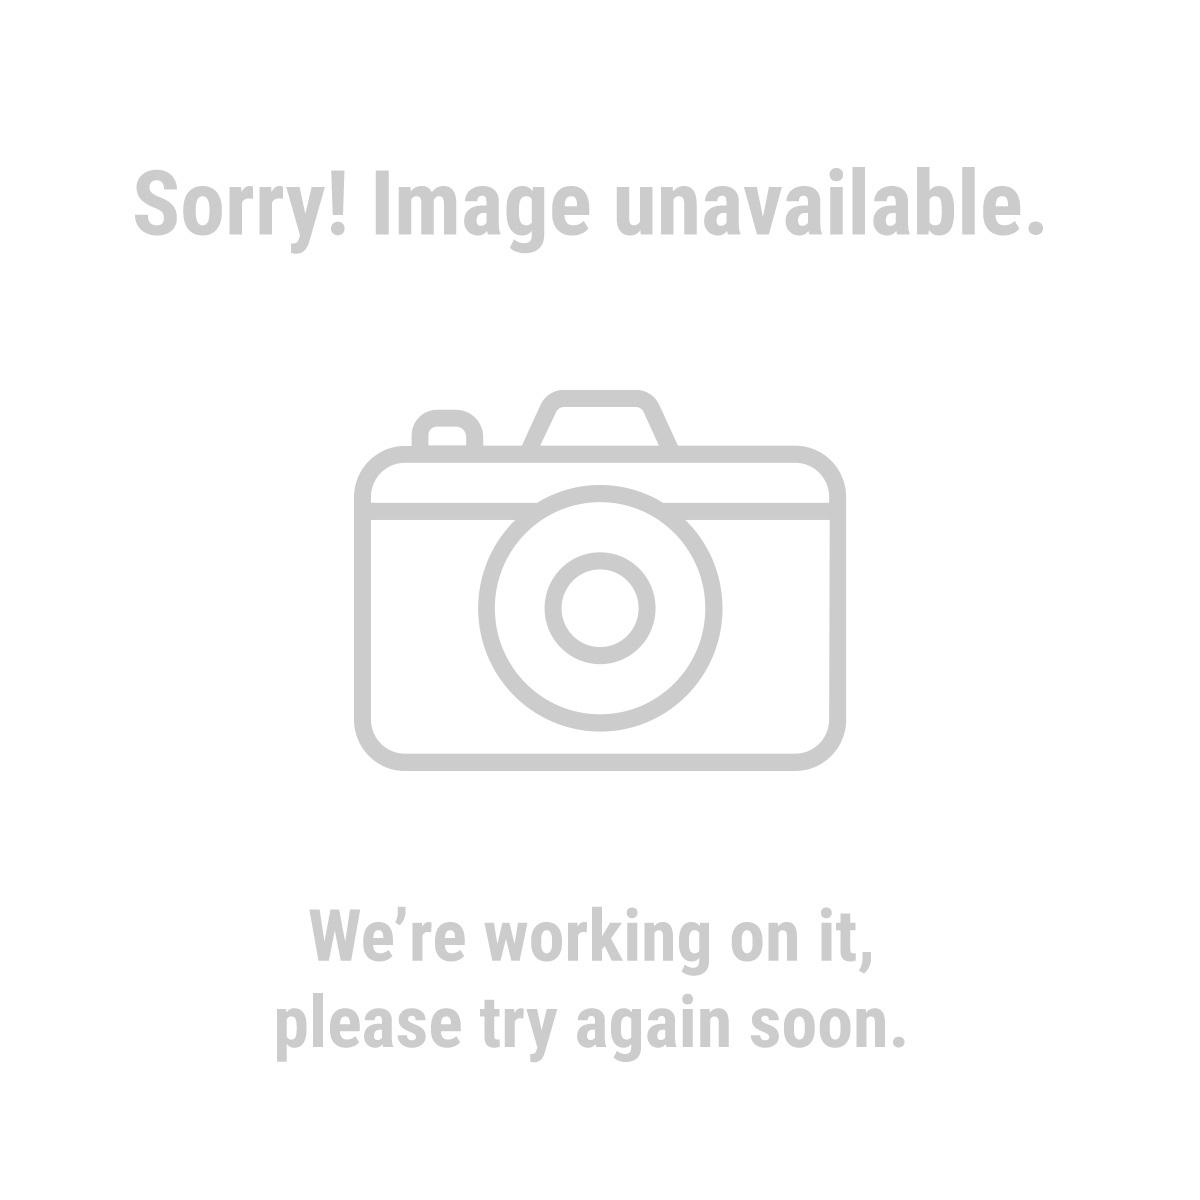 Central Pneumatic 60696 110 lb. Pressurized Abrasive Blaster